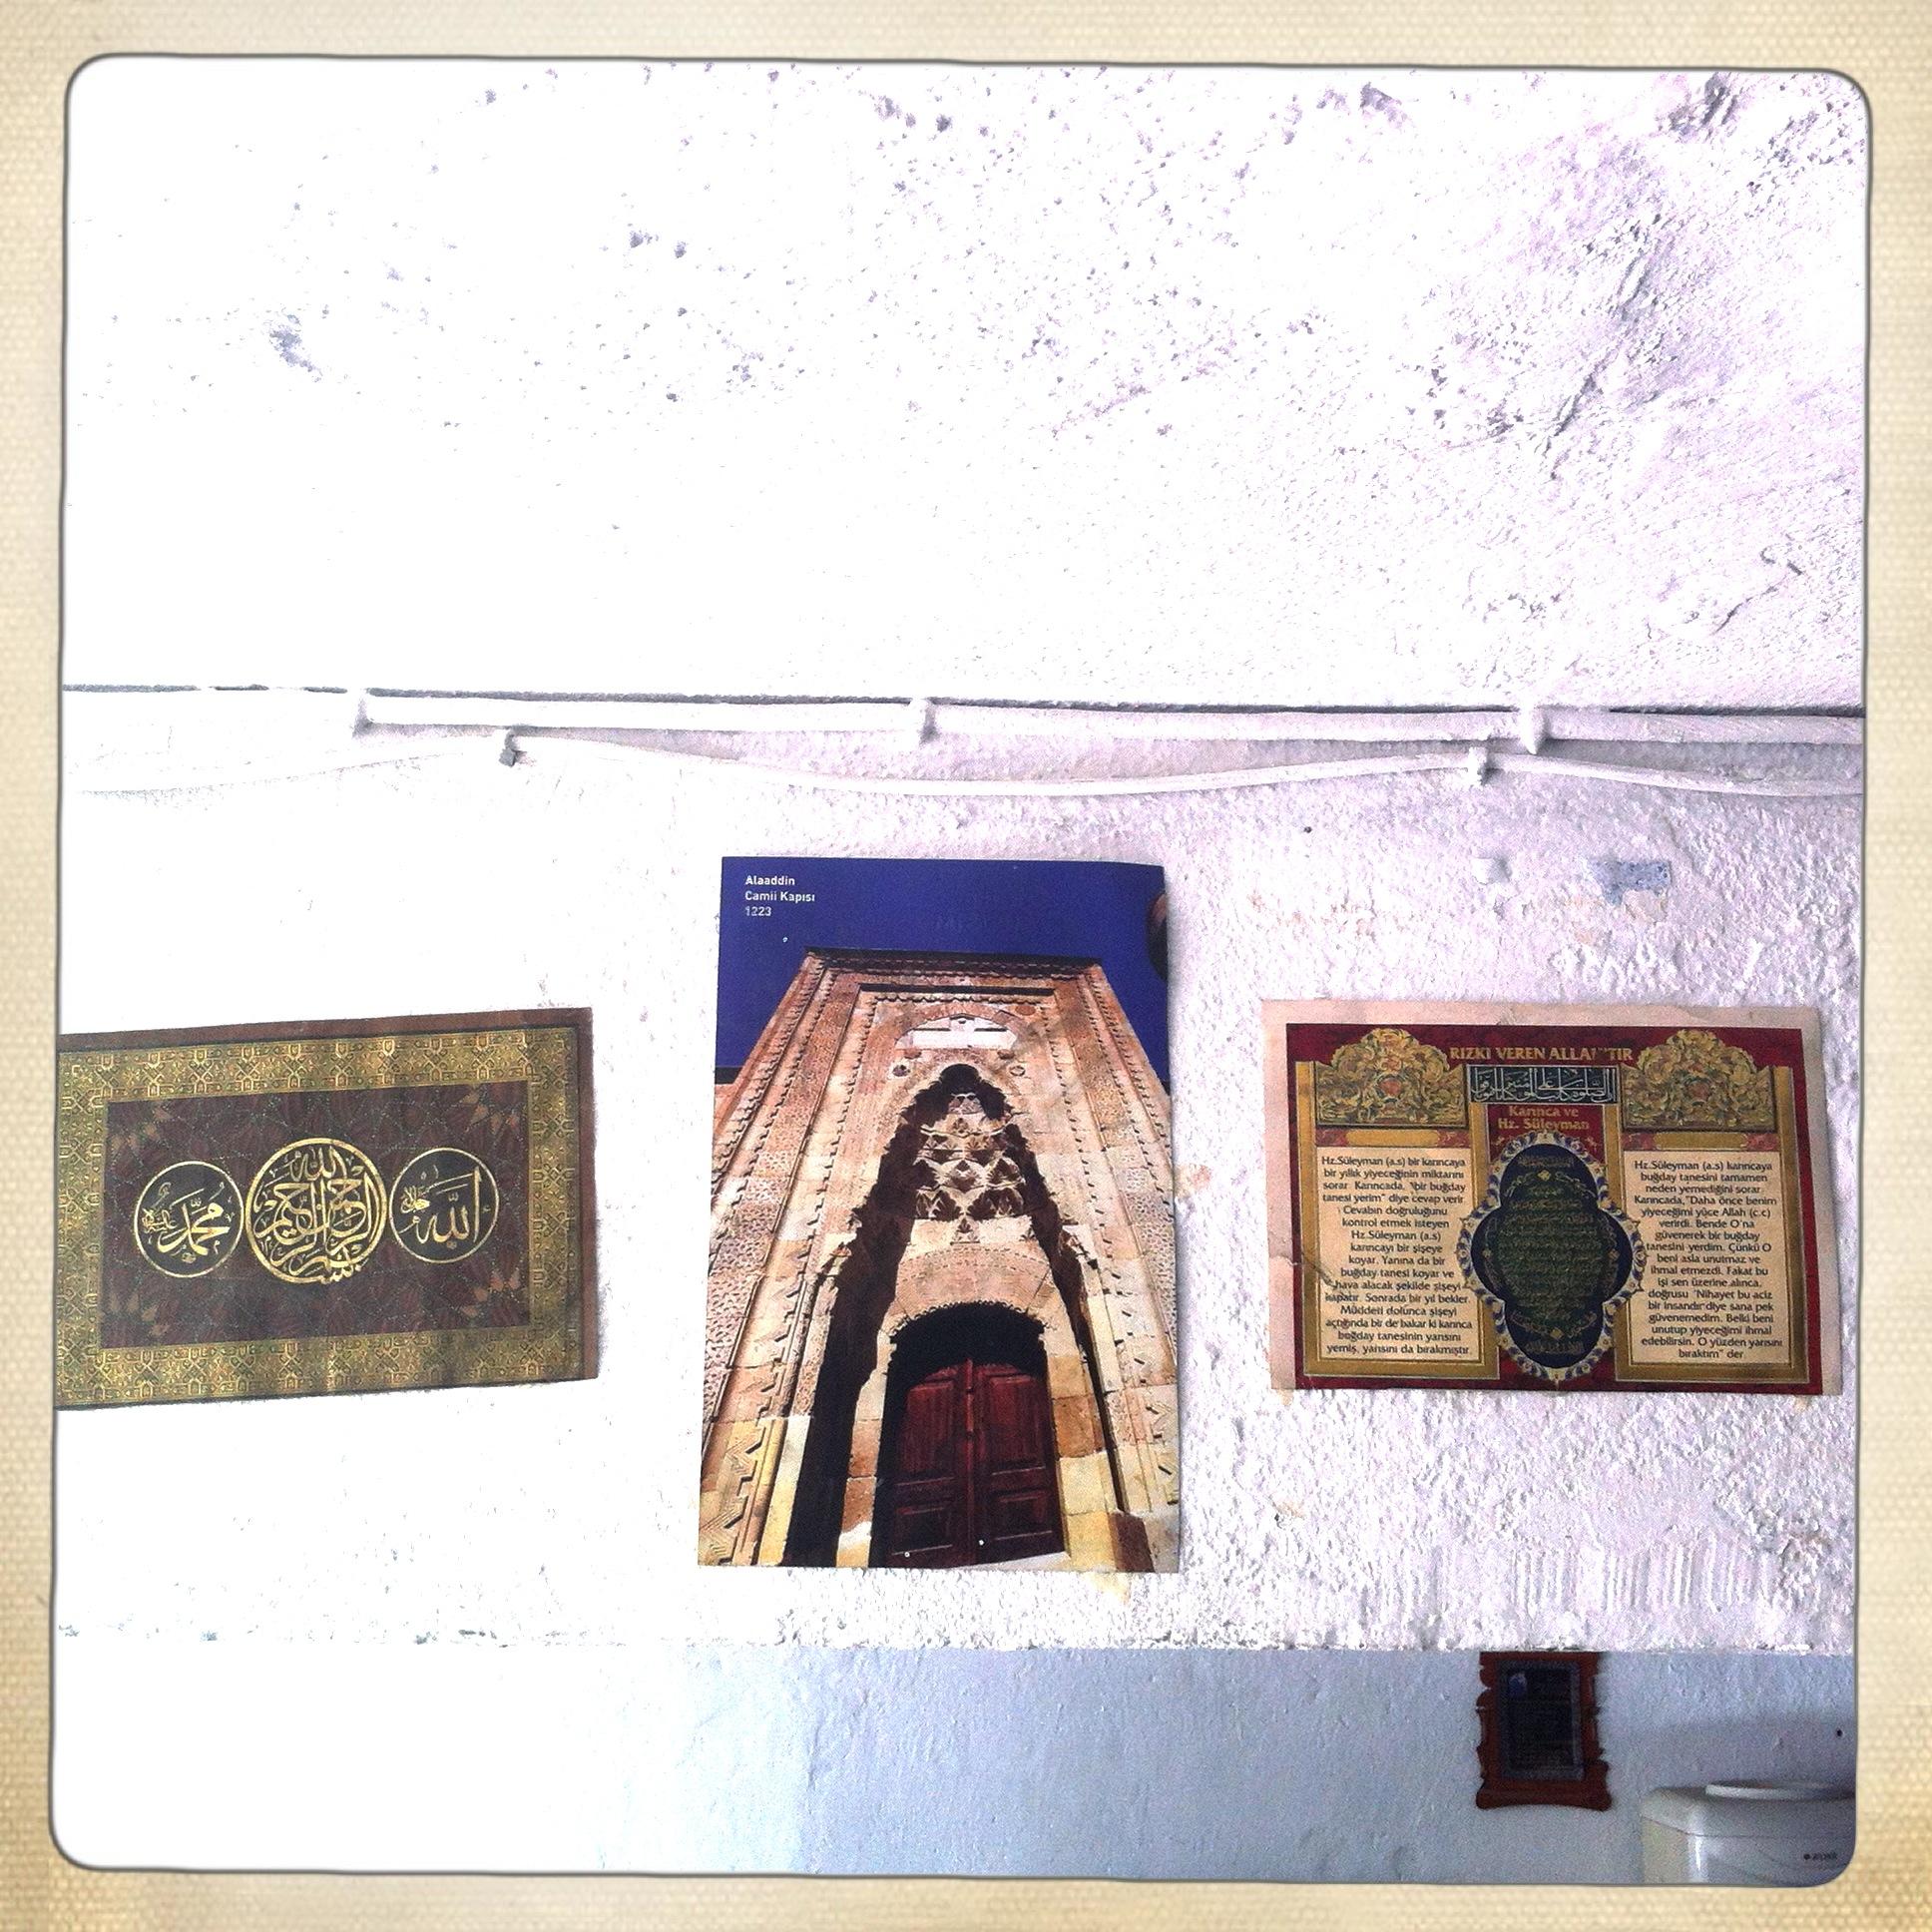 Altare coranico